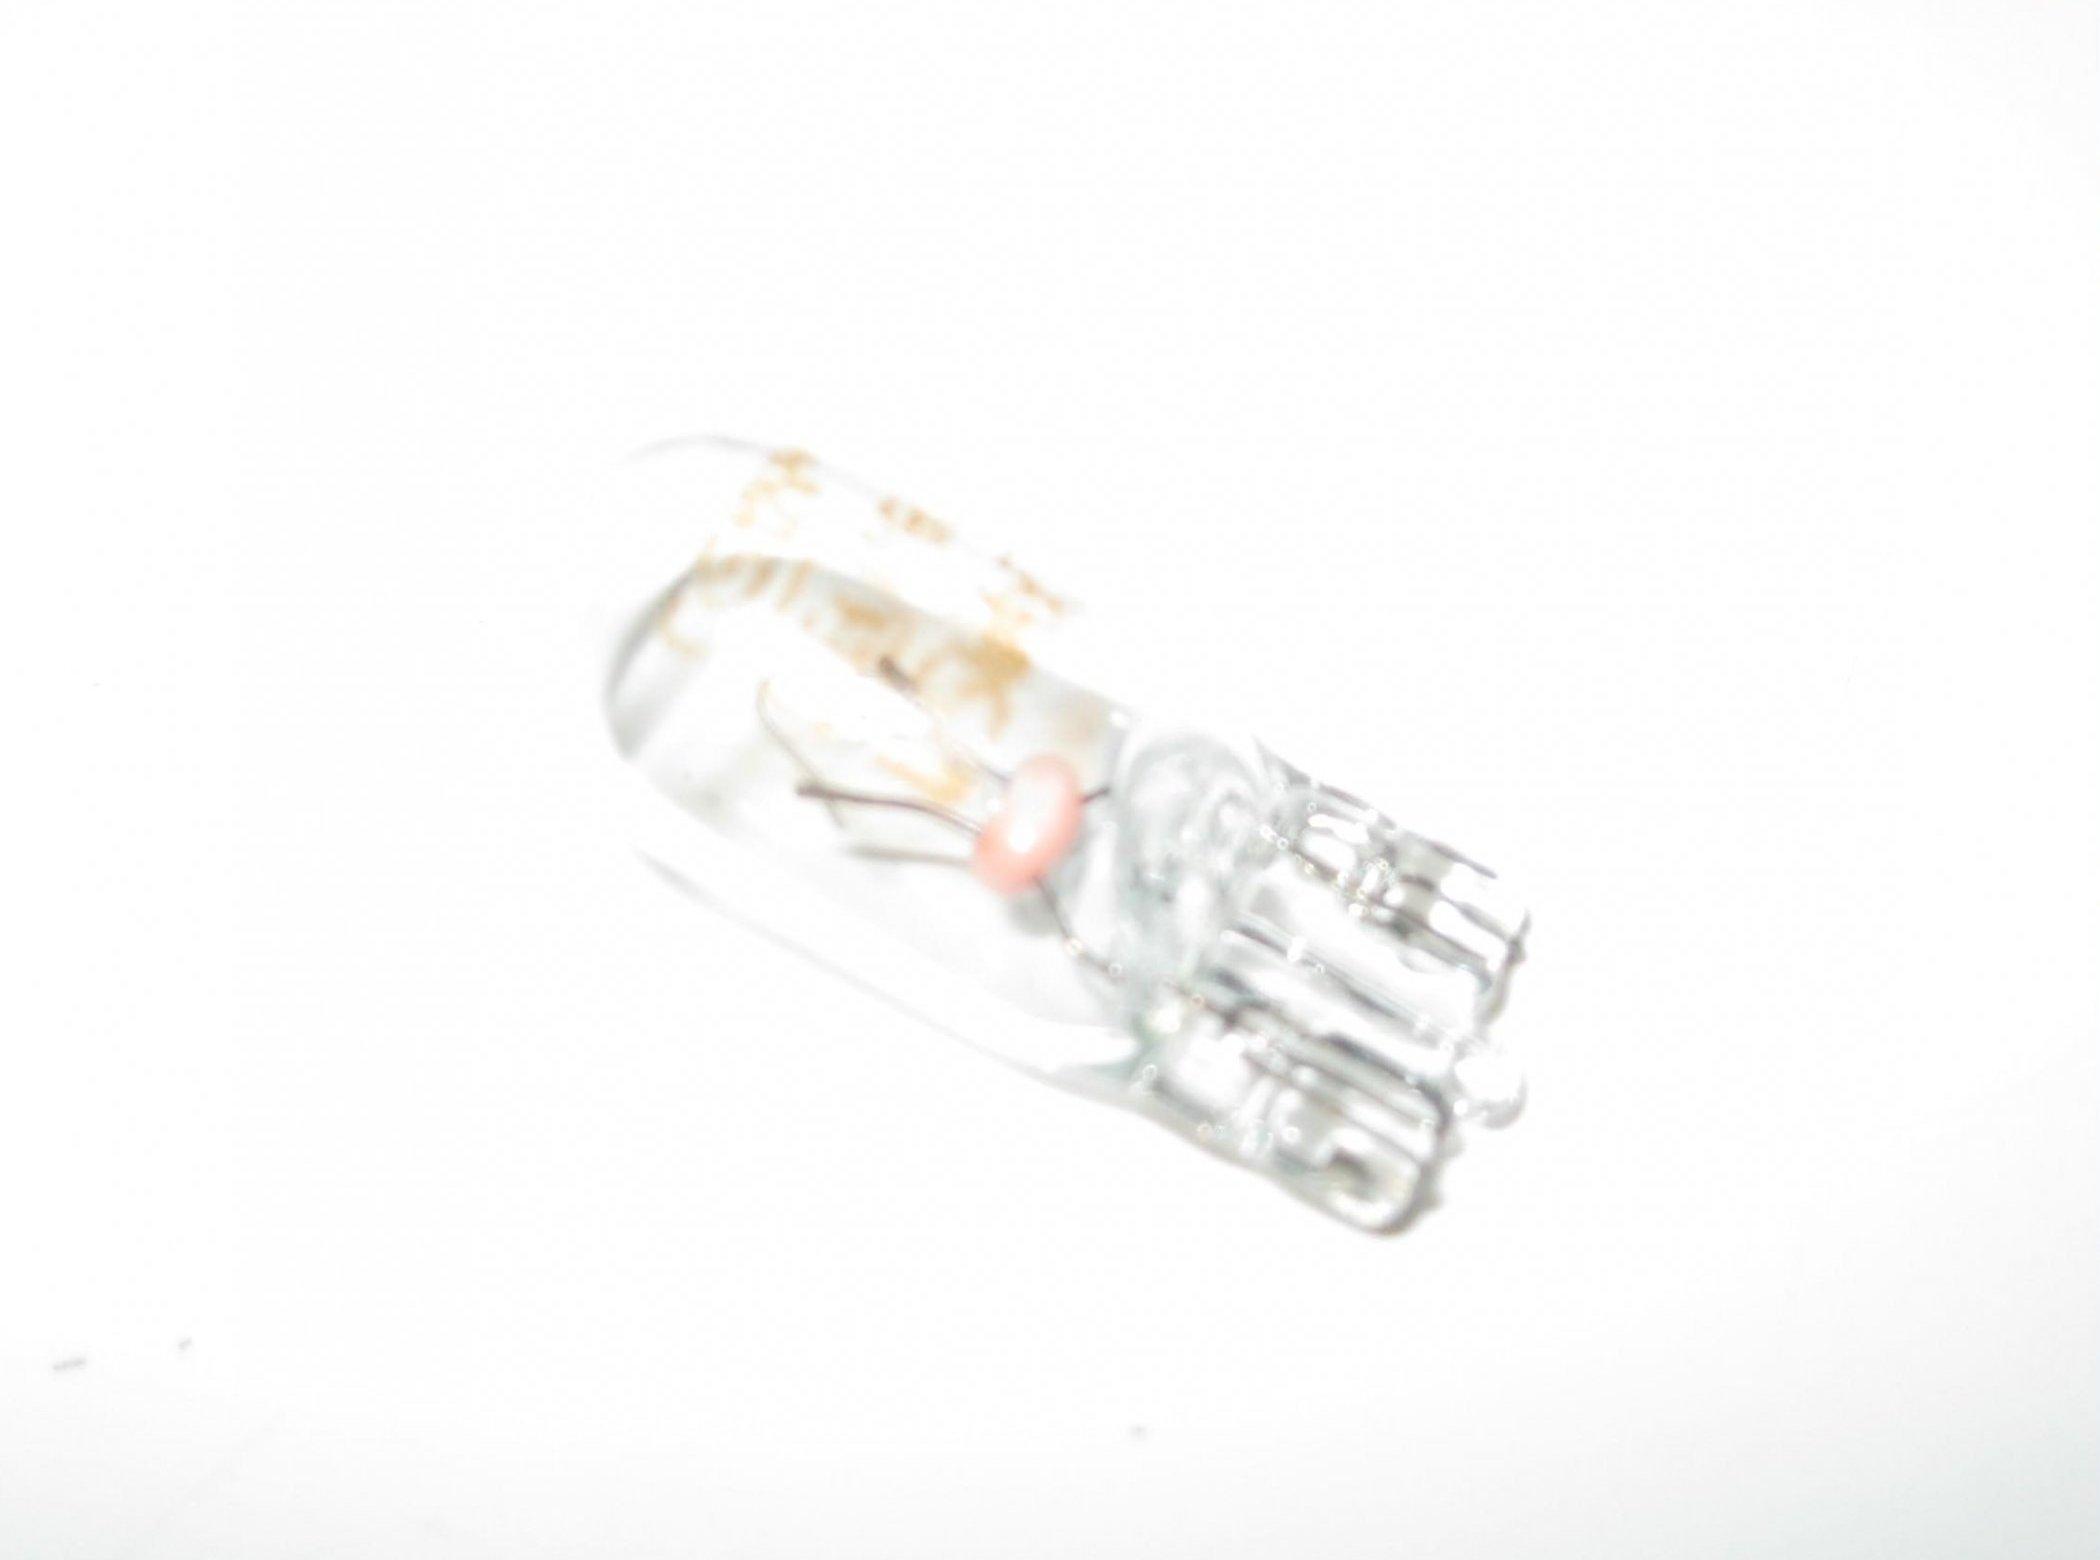 Mercedes Lamp Light Bulb 12 Volt W5w 5 Watt N